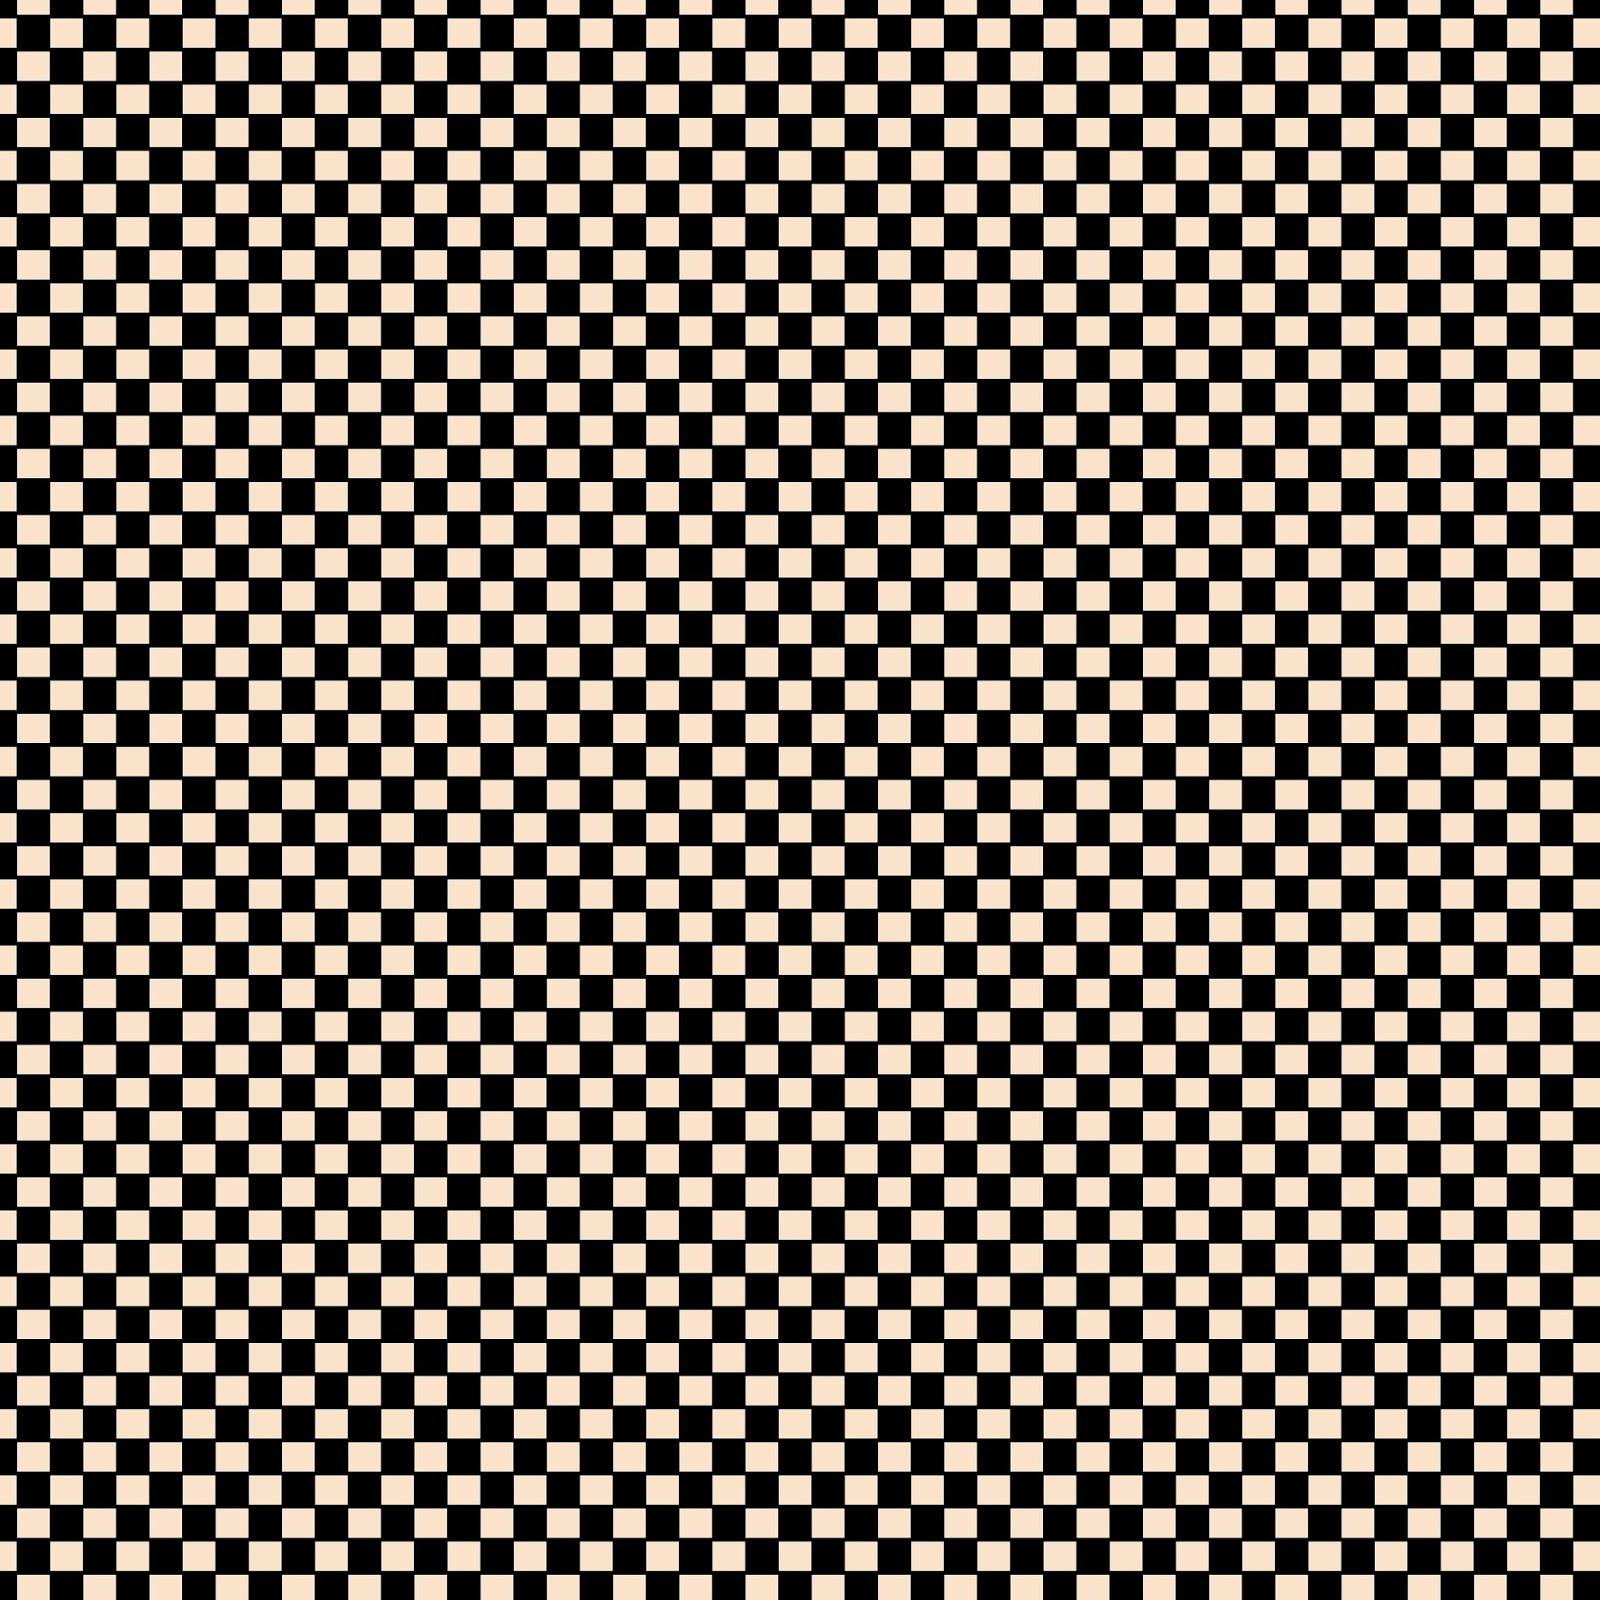 Stampin Damour Free Digital Scrapbook Paper More Polka Dots